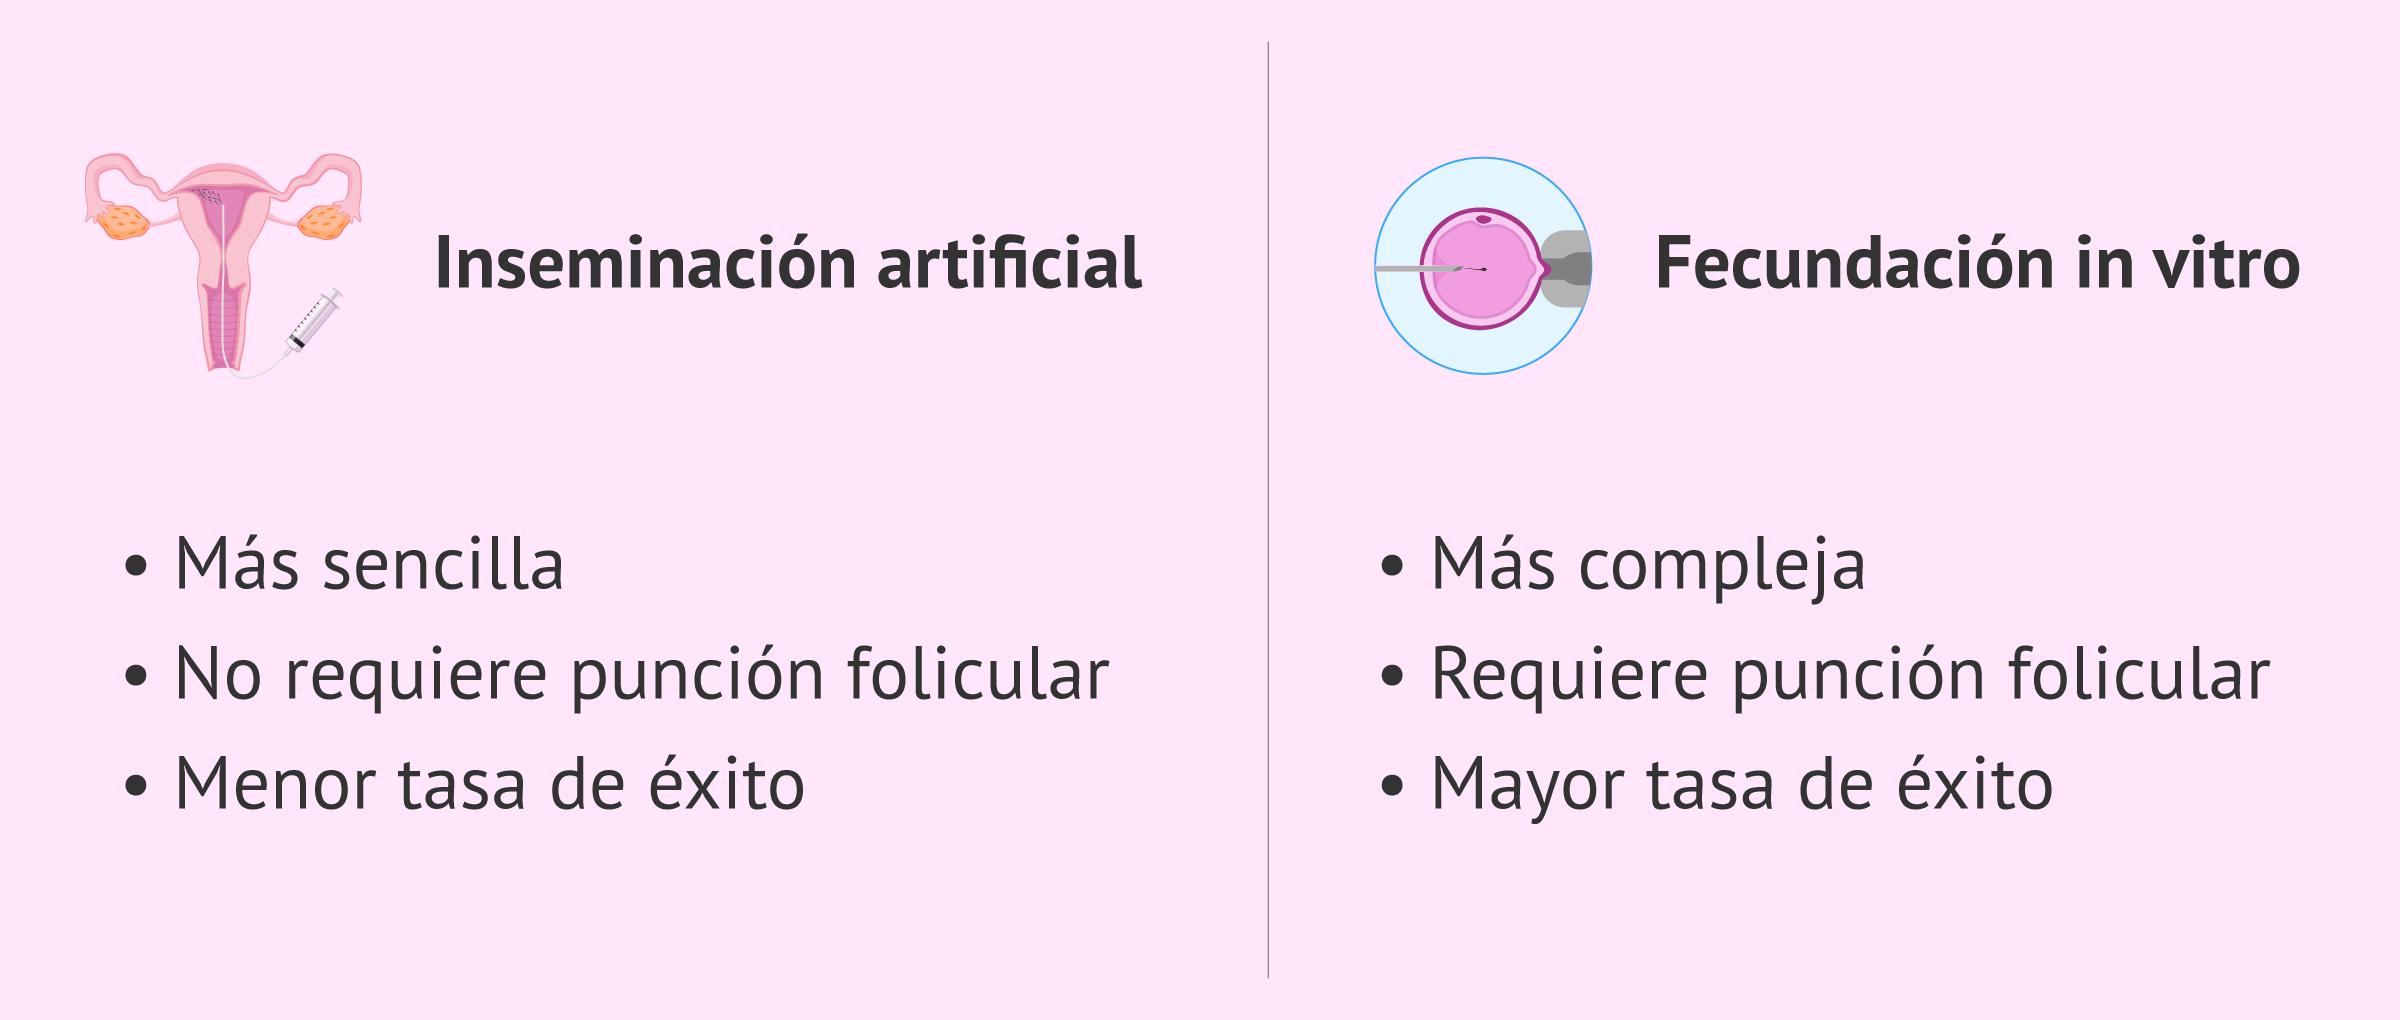 Diferencias entre IA y FIV